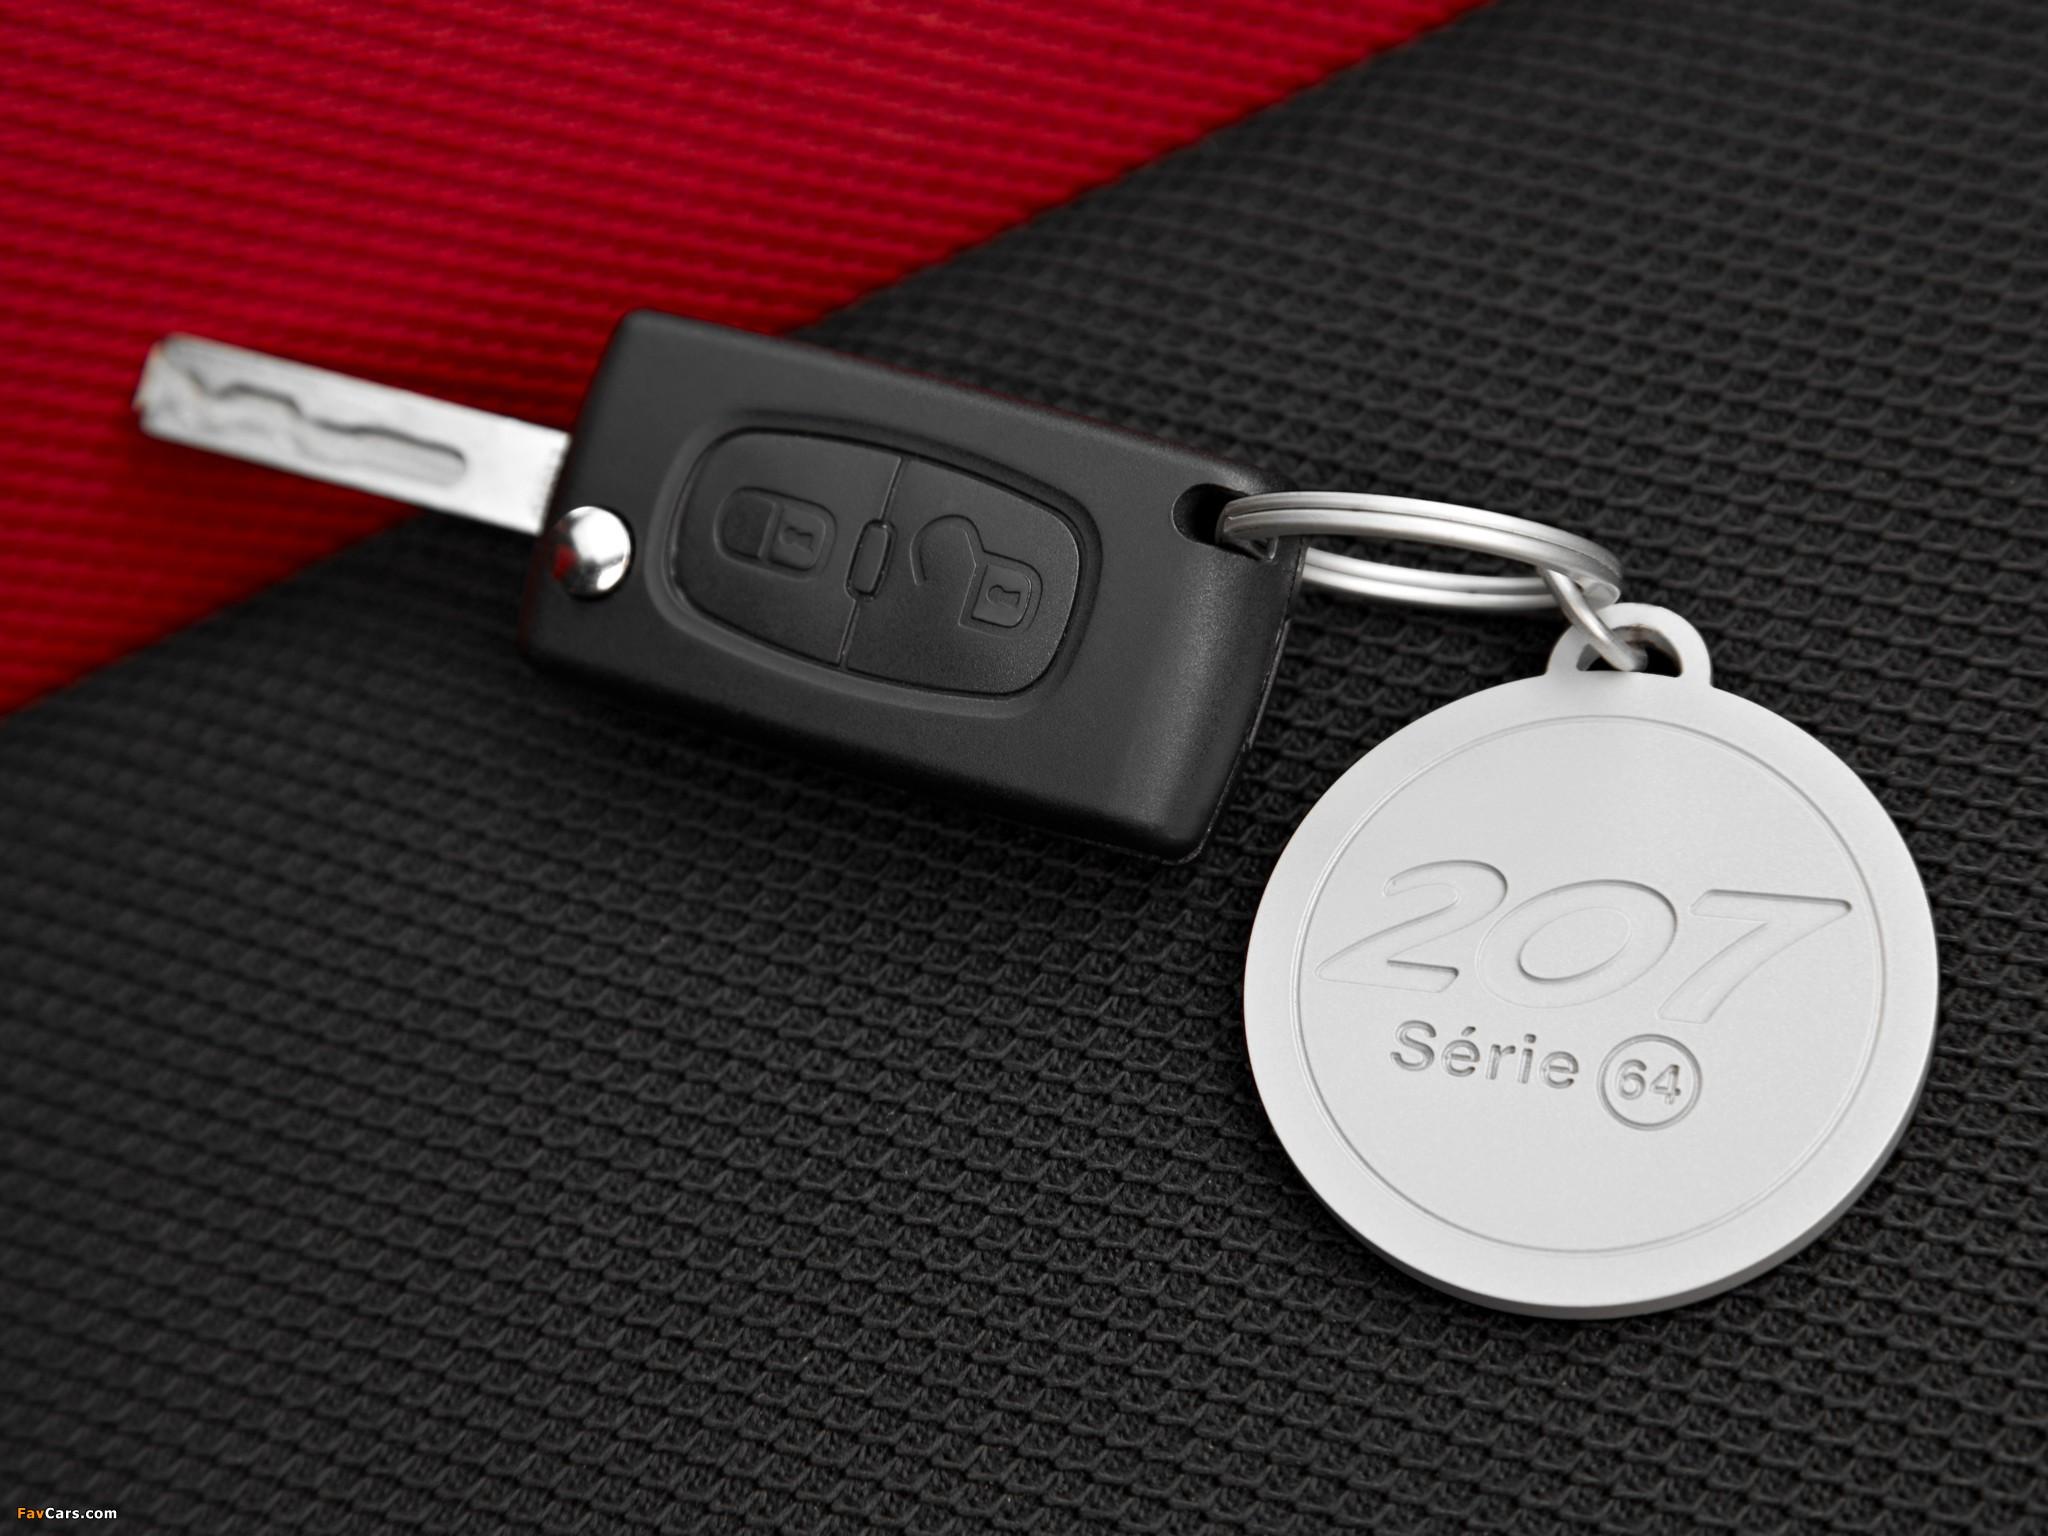 После замены батарейки в брелоке Peugeot 207 перестали работать кнопки